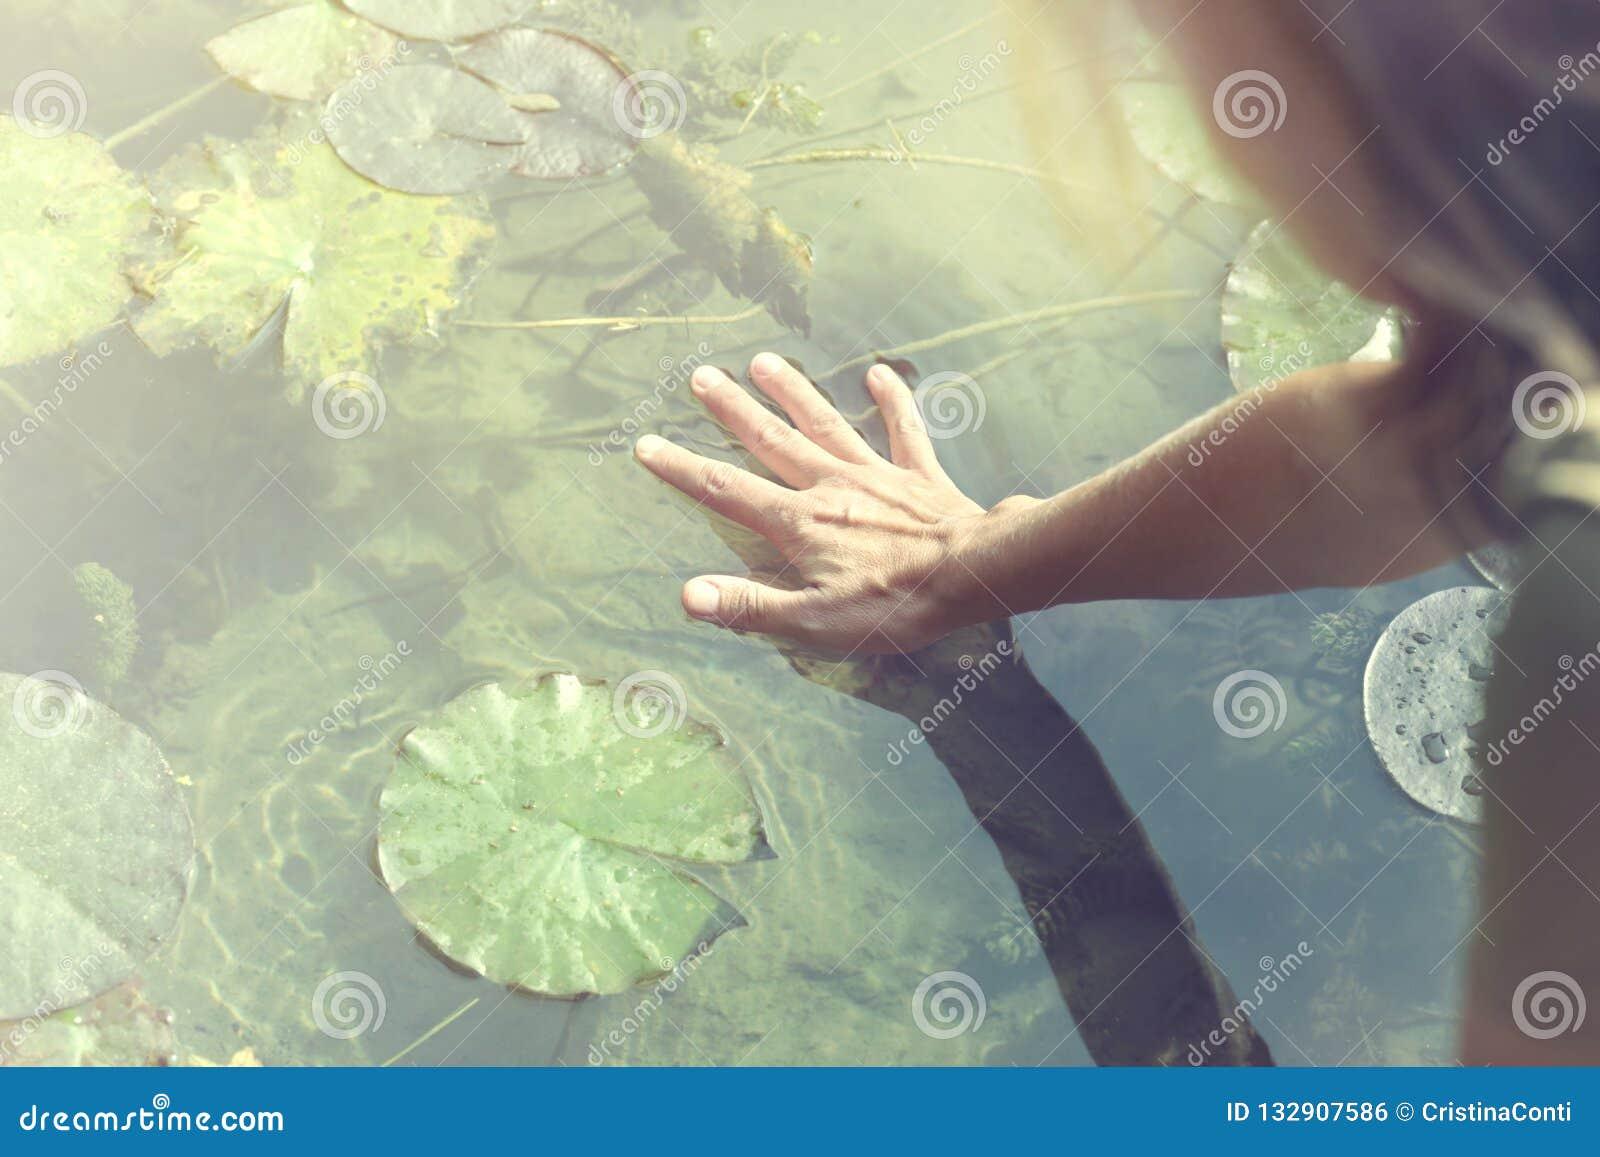 Frauennoten mit Respekt die Quelle des Lebens, das Wasser ist